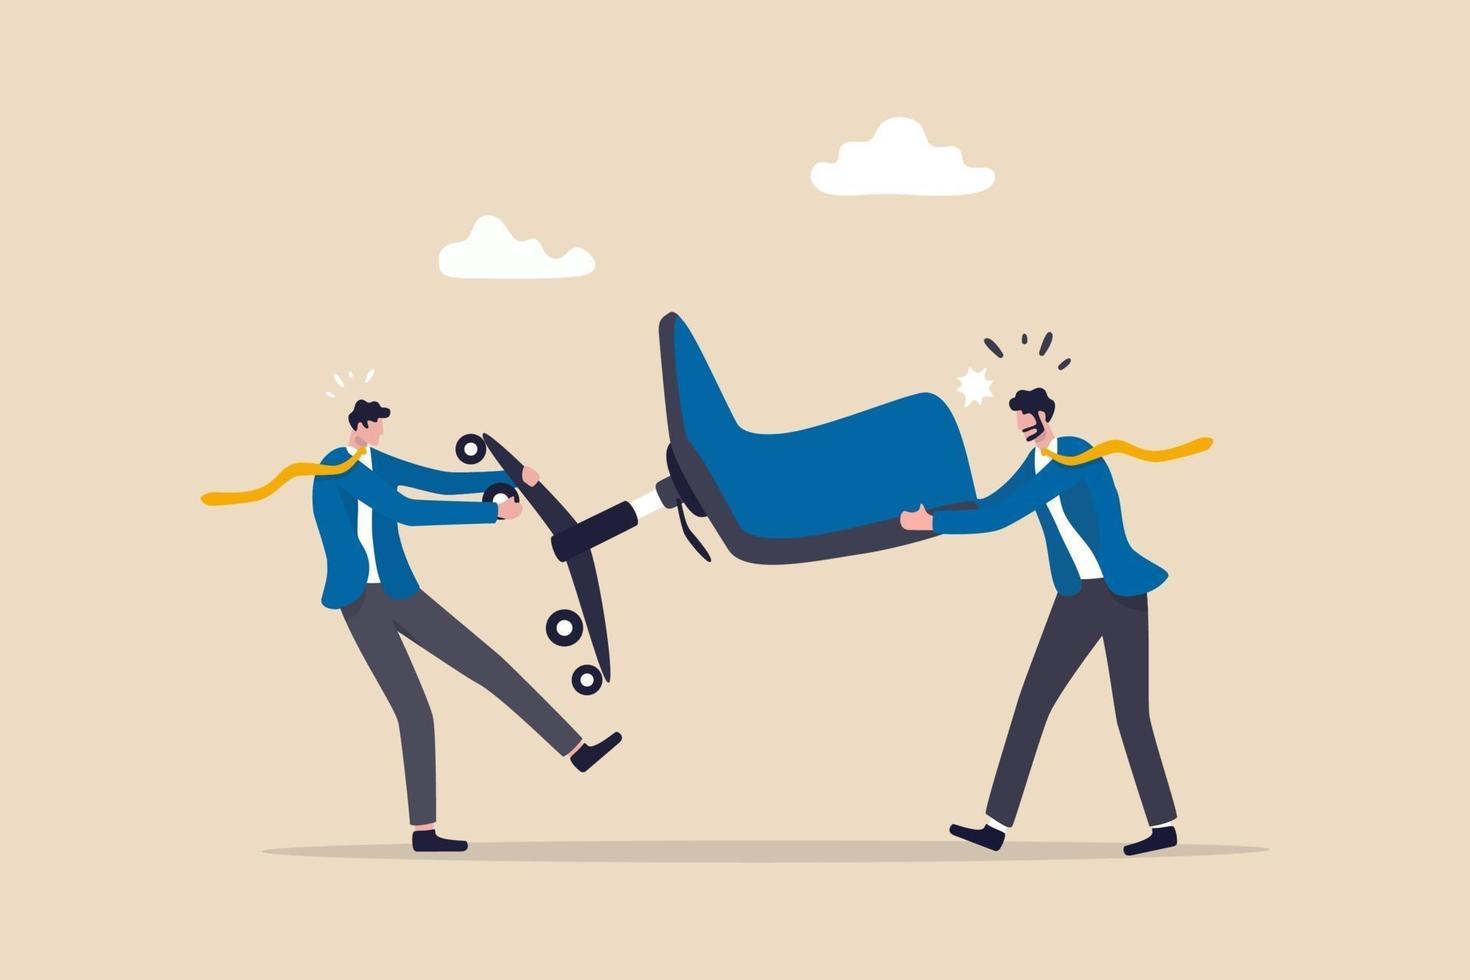 concurrence commerciale, lutte ou concurrence pour un poste vacant, une promotion d'emploi ou un concept de développement de carrière, un combat de concurrent d'hommes d'affaires et une chaise de gestion de bureau vecteur